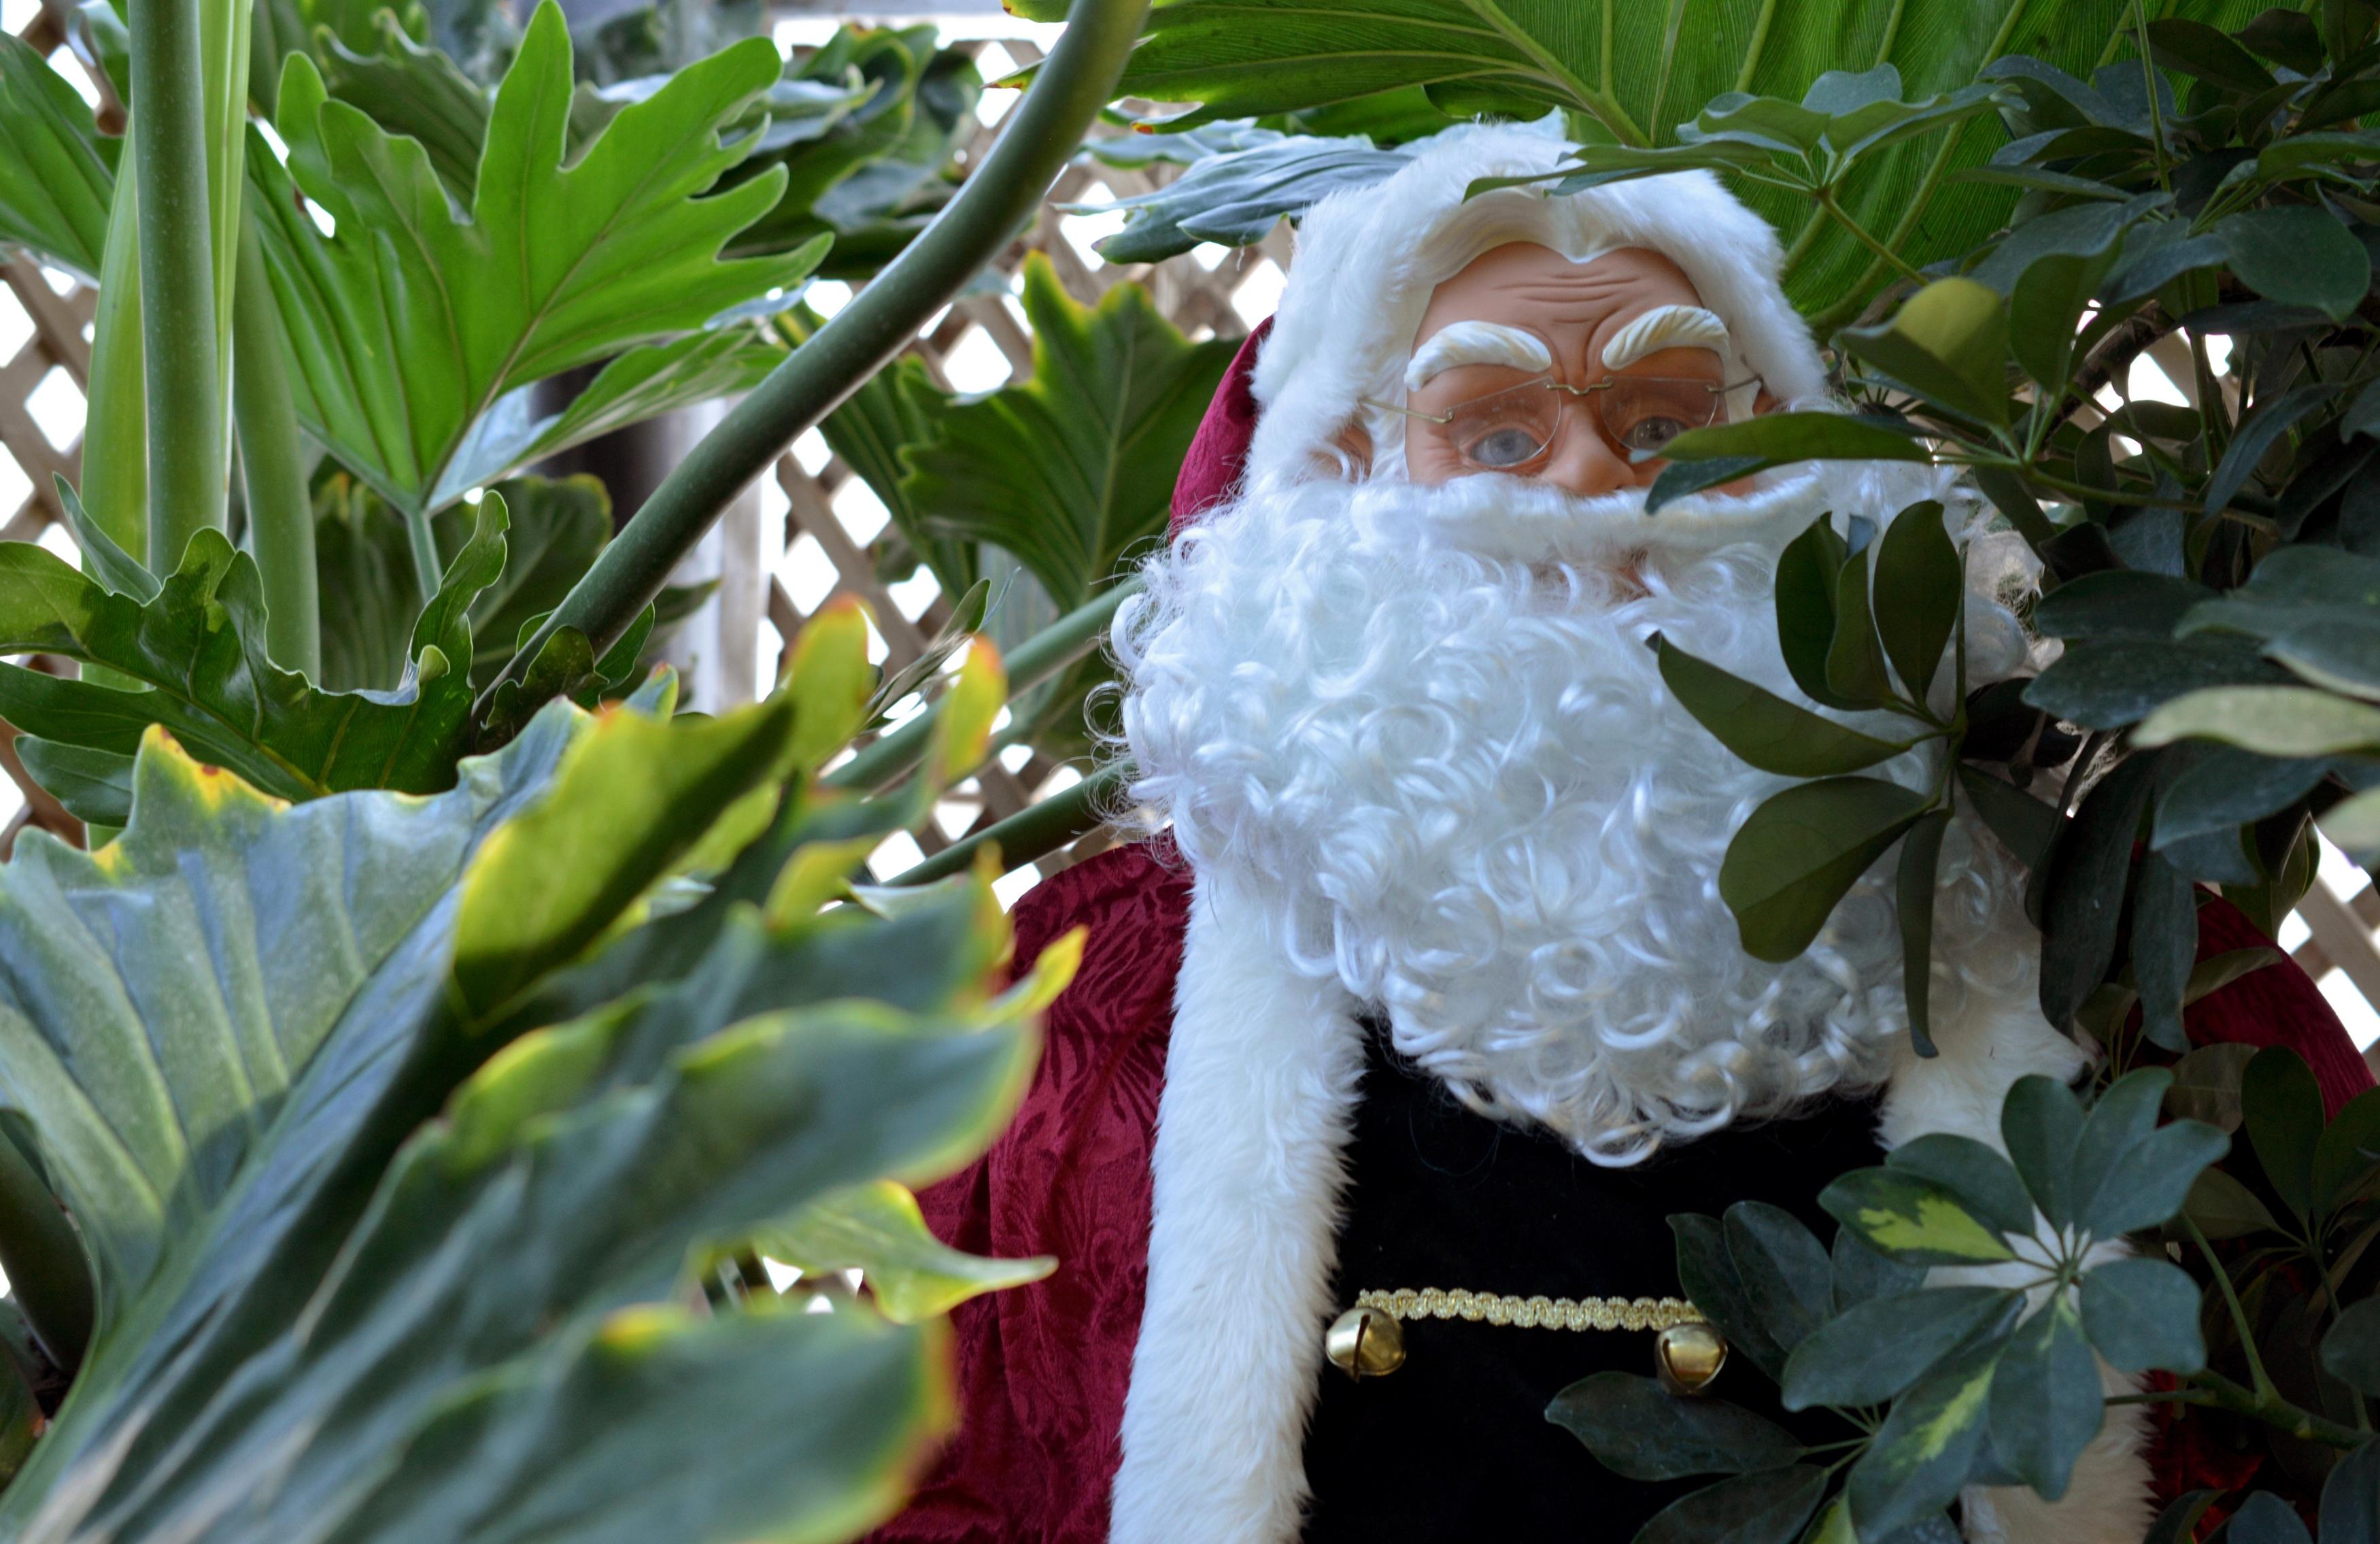 Free images blossom leaf tropical botany garden